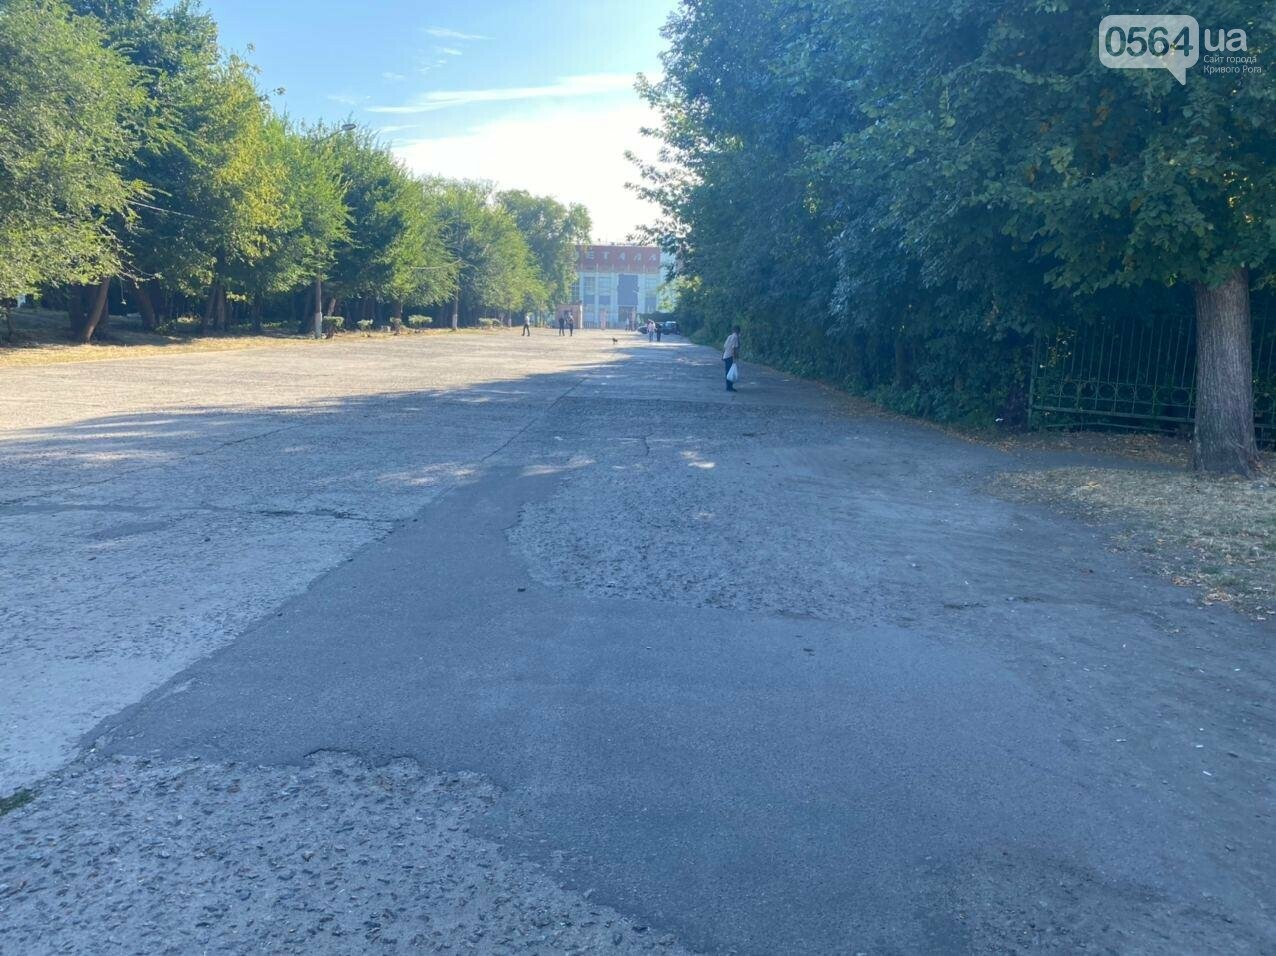 """Возле стадиона """"Металлург"""" в Кривом Роге ожидают президента. Огромный участок подготовили под парковку автомобилей, - ФОТО, ВИДЕО, ОБНОВЛЕНО, фото-1"""